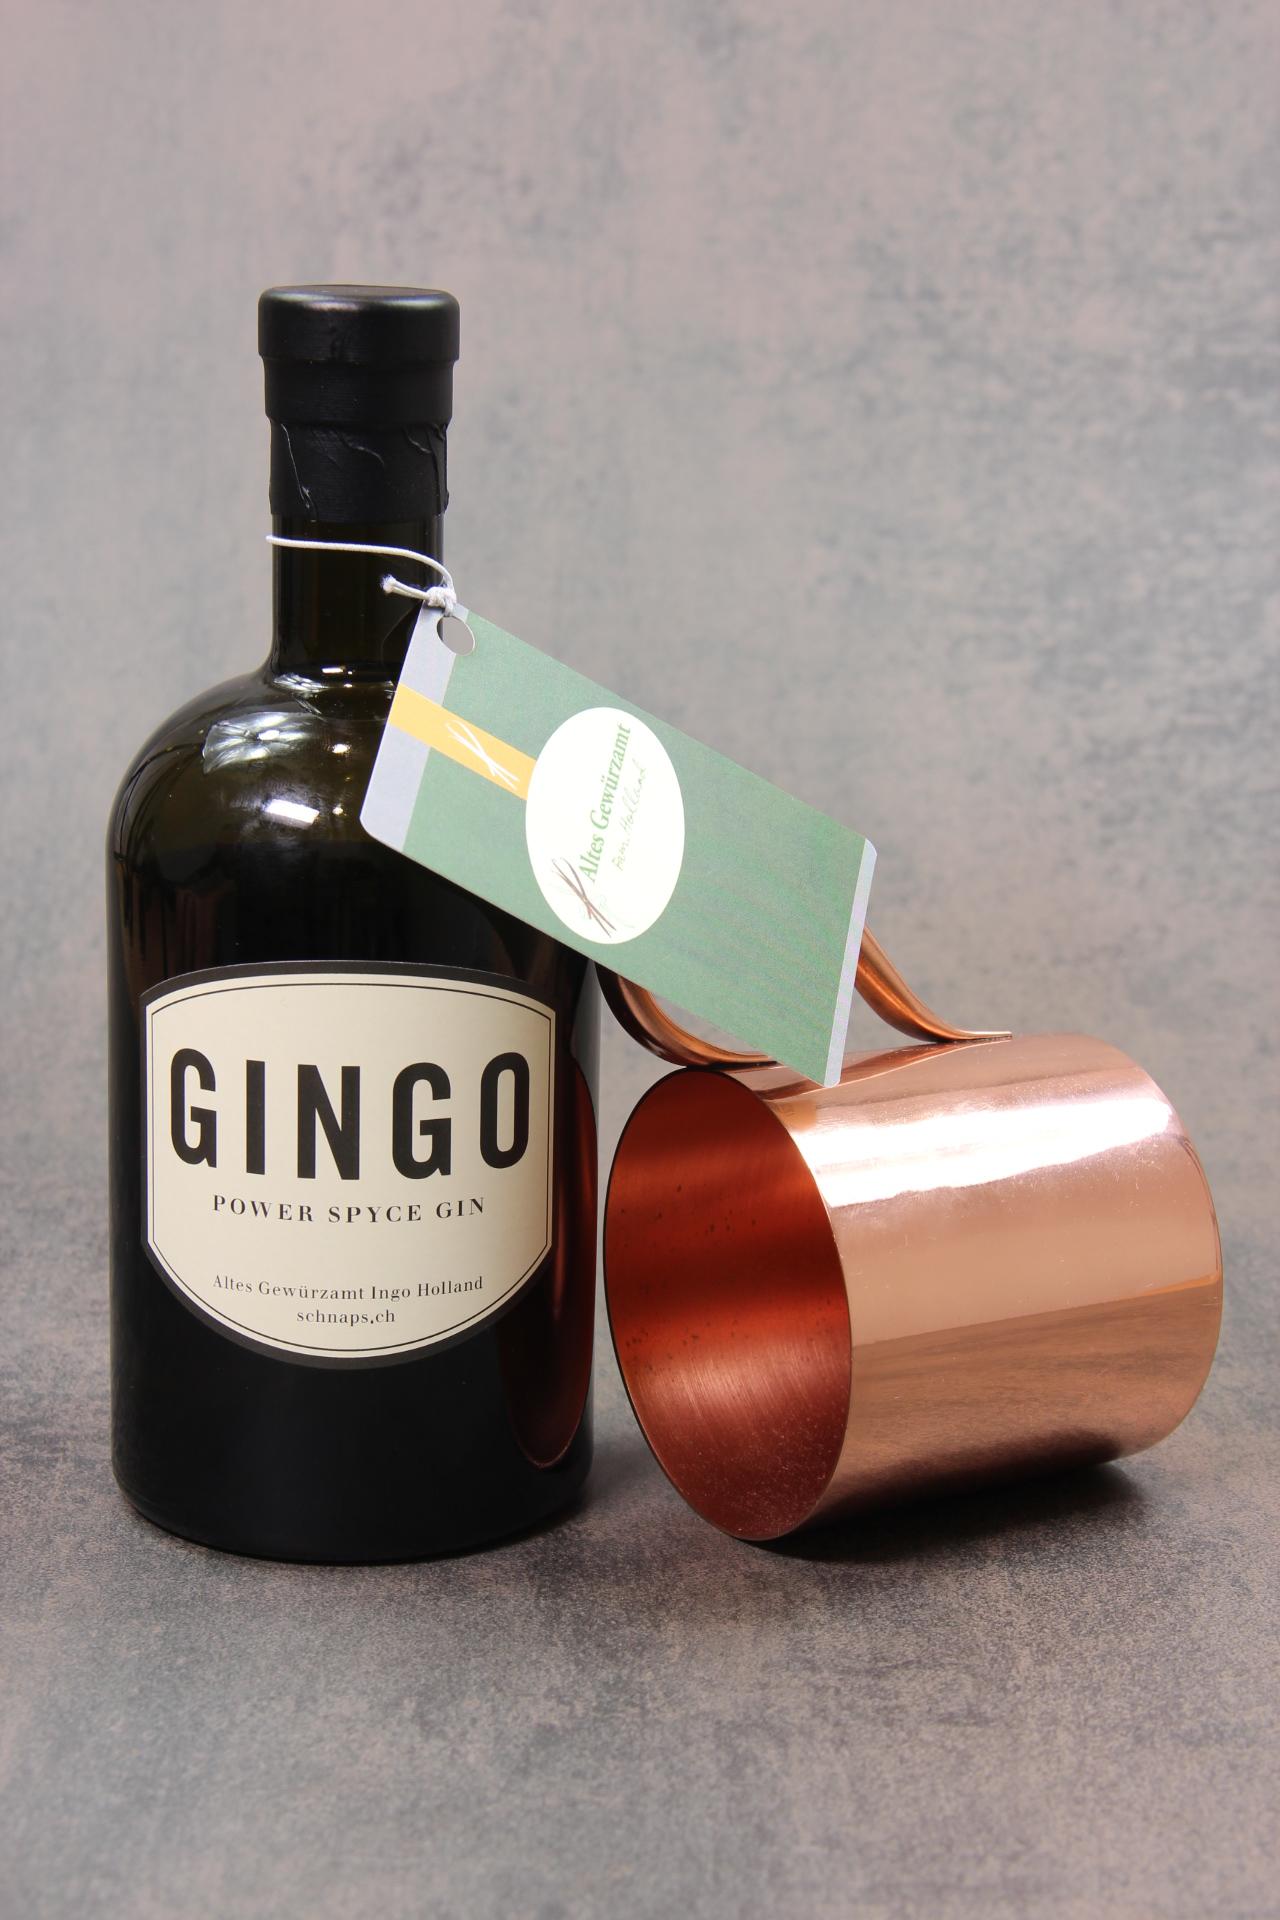 GINGO POWER SPYCE GIN 50CL 43% Vol.